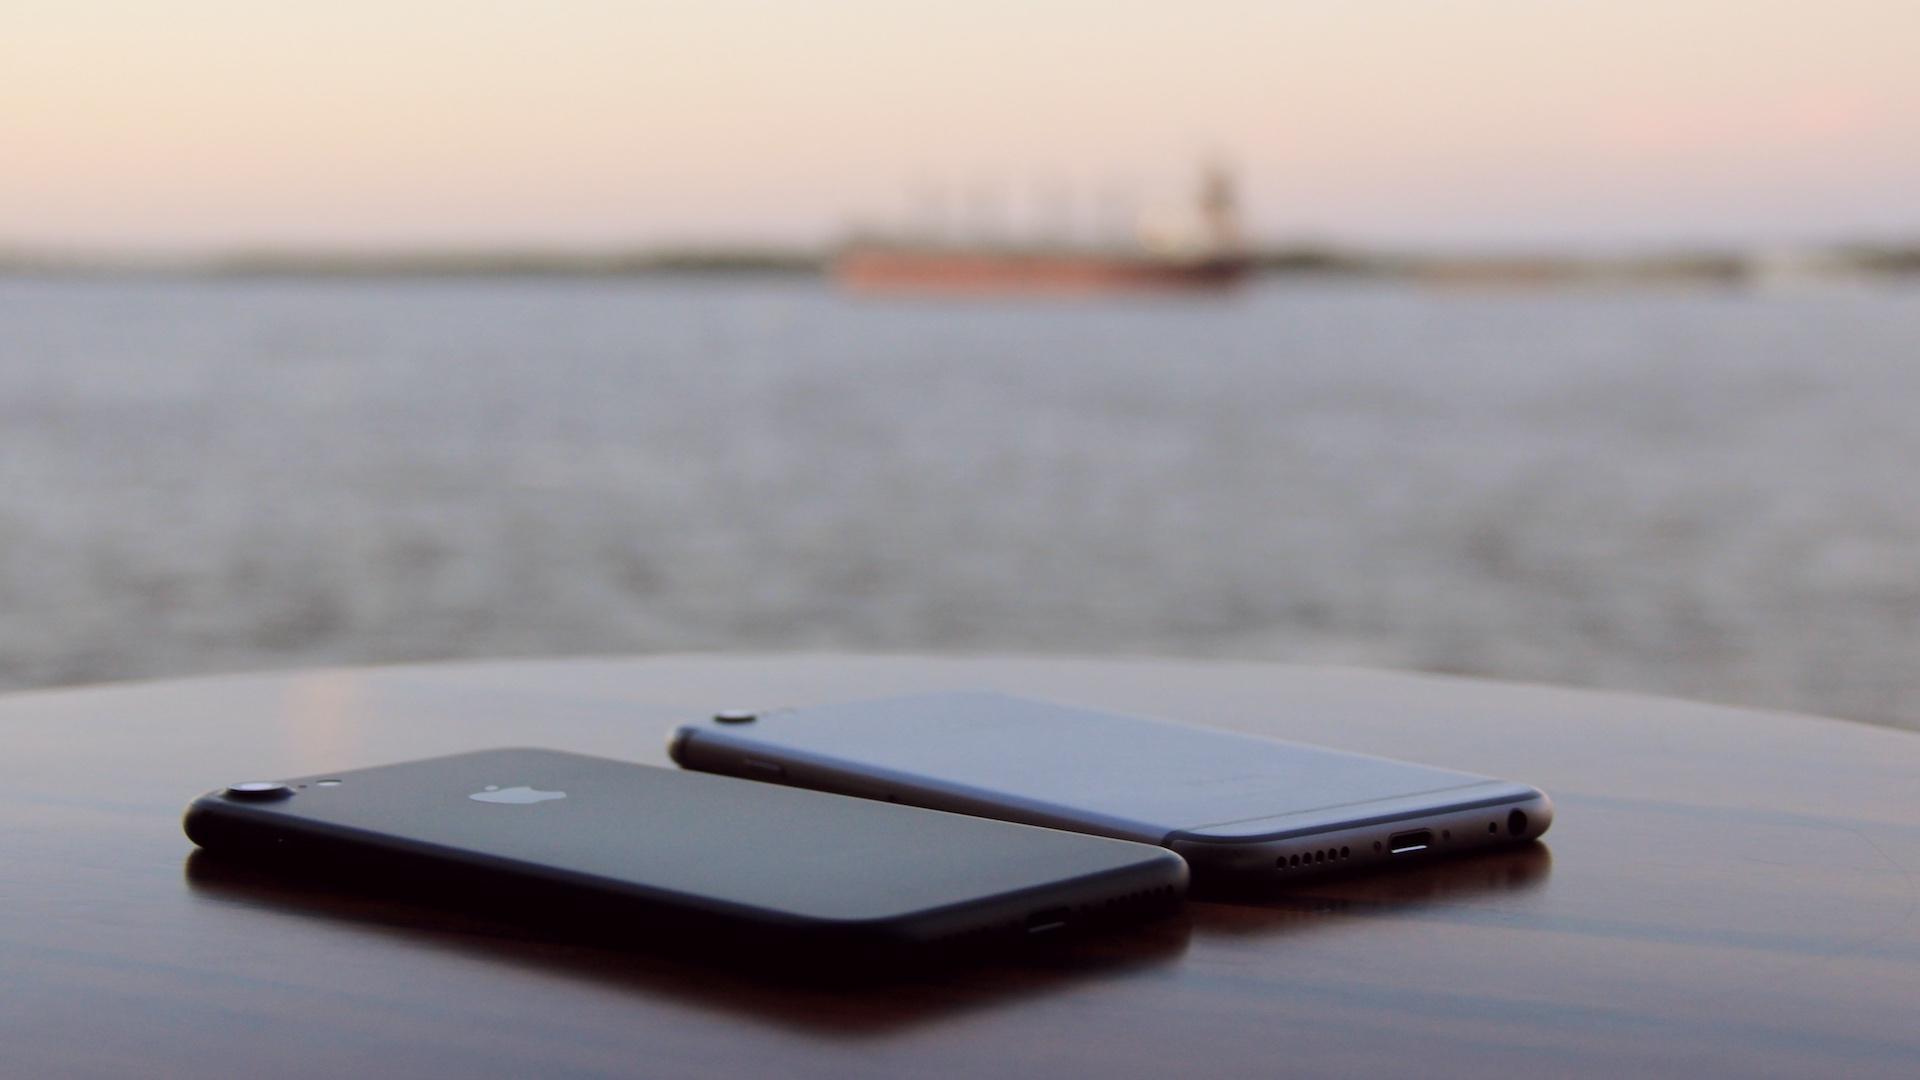 iphone7-review-espaniol-espanol-in4